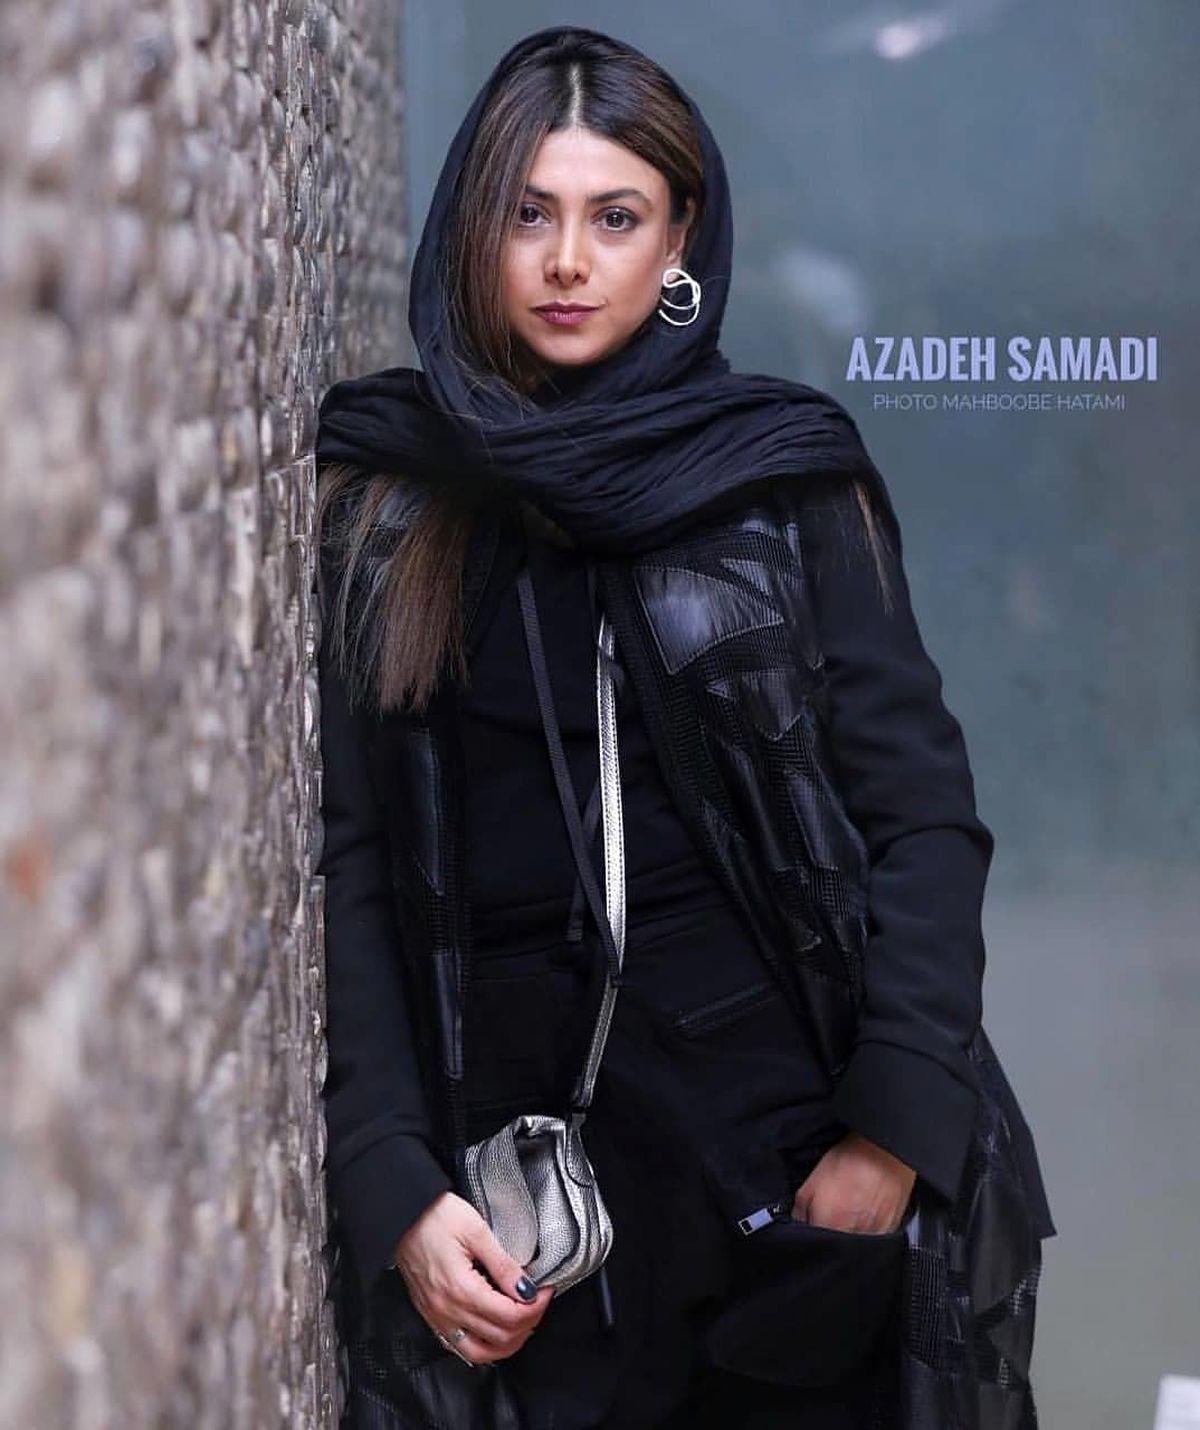 پشت پرده طلاق آزاده صمدی از هومن سیدی / تنفر آزاده نسبت به همسر سابقش + فیلم